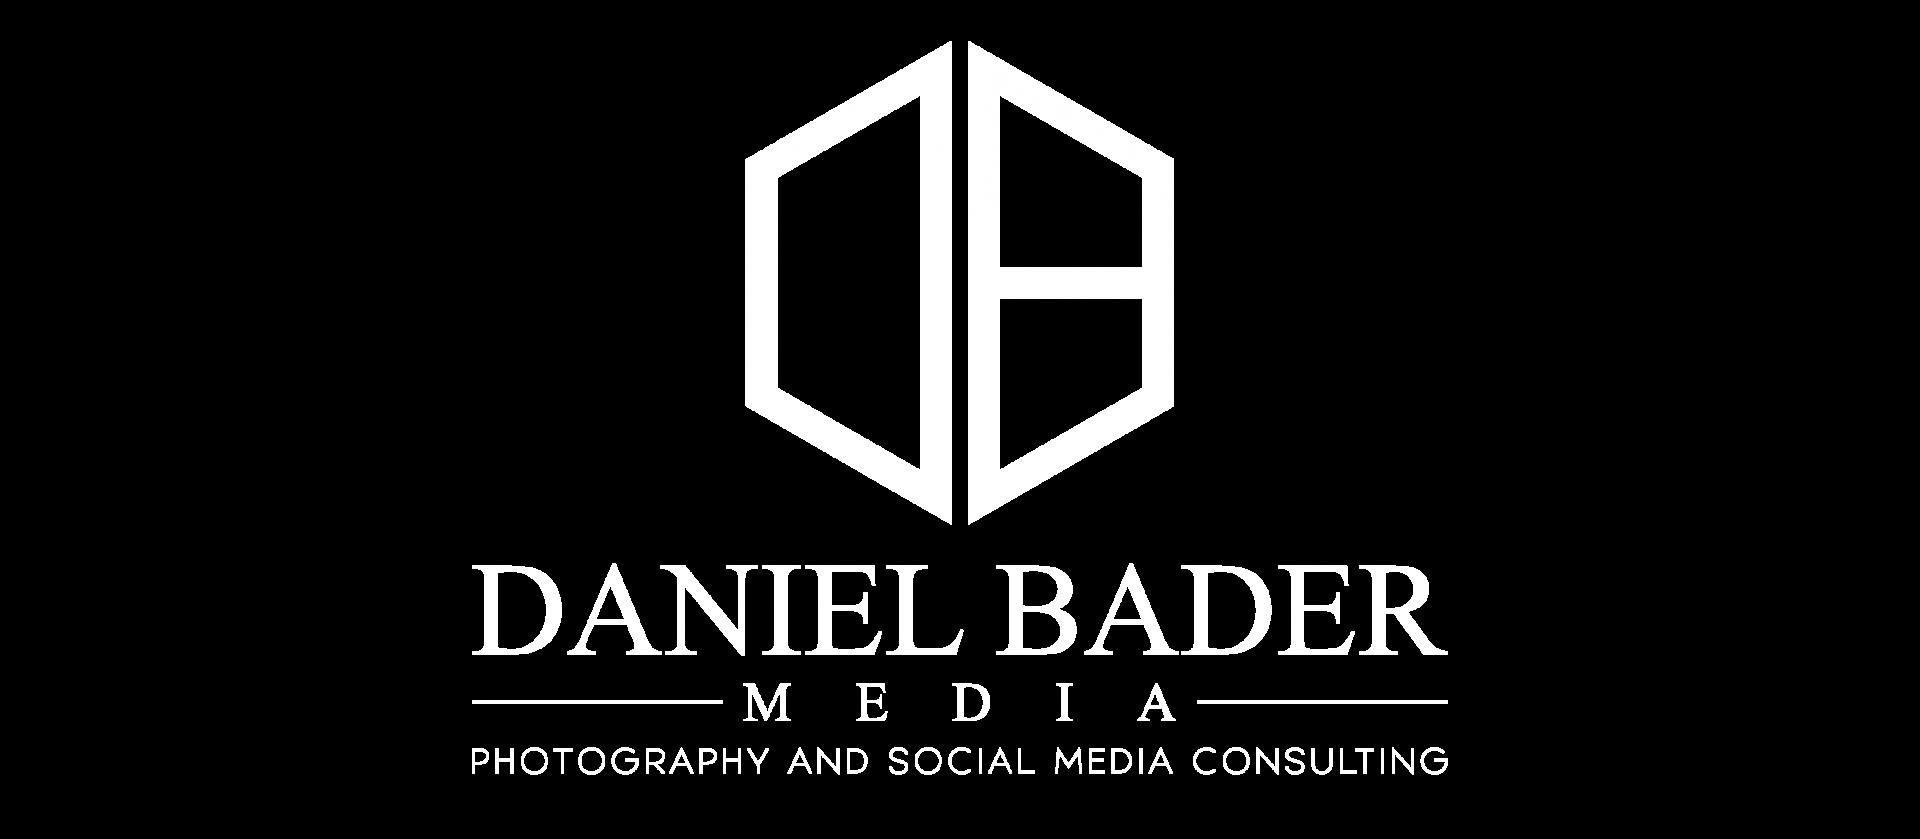 https://daniel-bader-media.de/